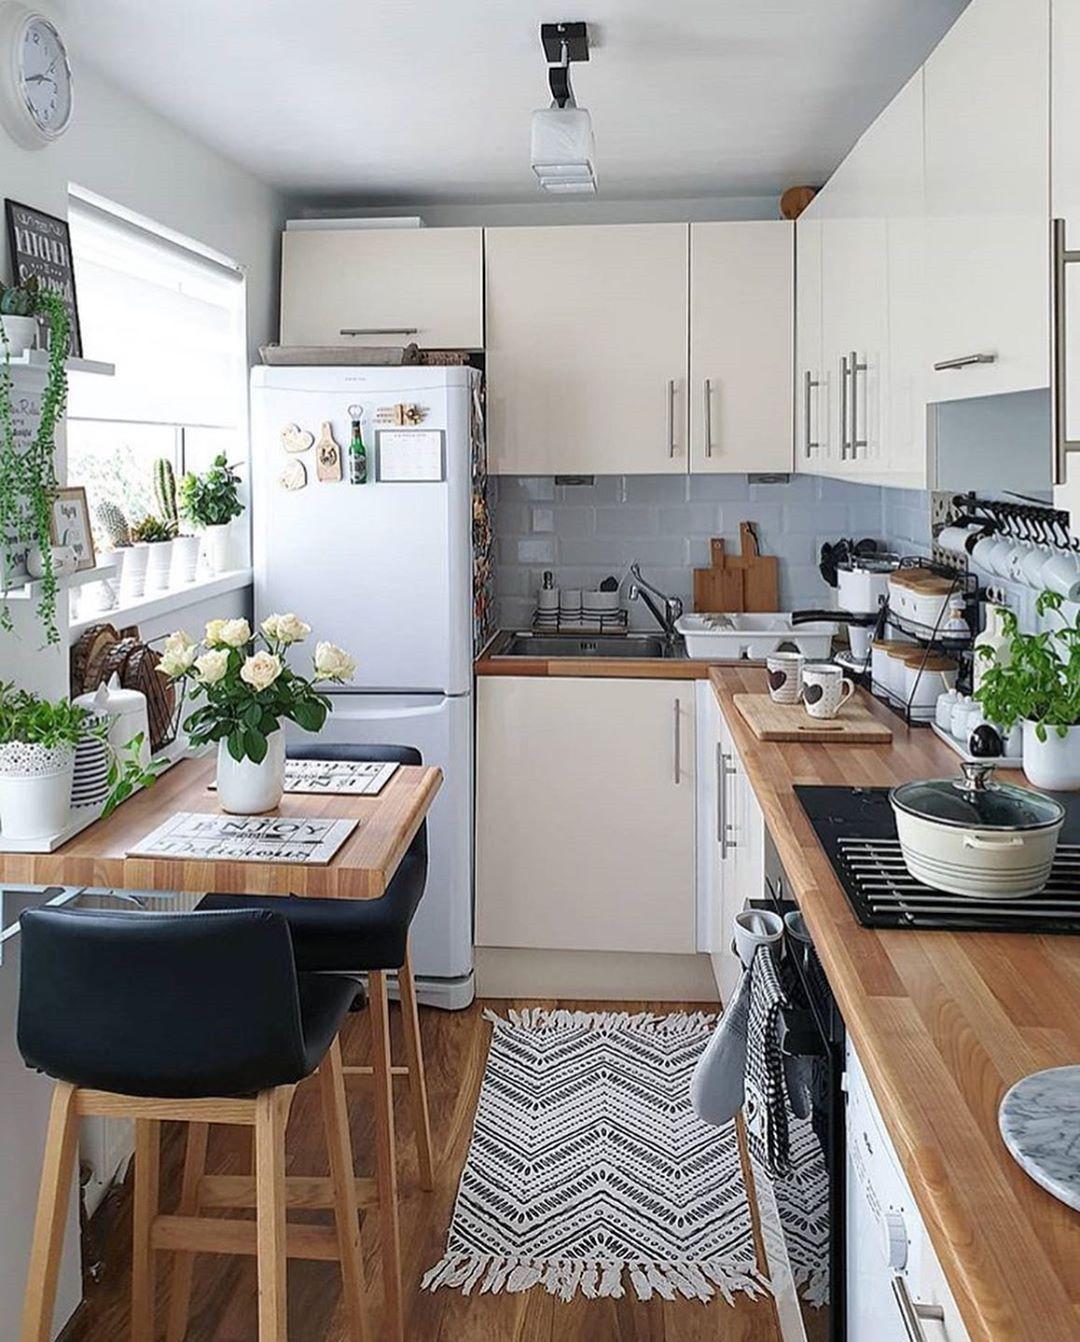 60 Kreative Kuchen Gestaltung Und Organisation Ideen 60 Kreative Kuchen In 2020 Small Apartment Kitchen Kitchen Remodel Small Small Space Kitchen